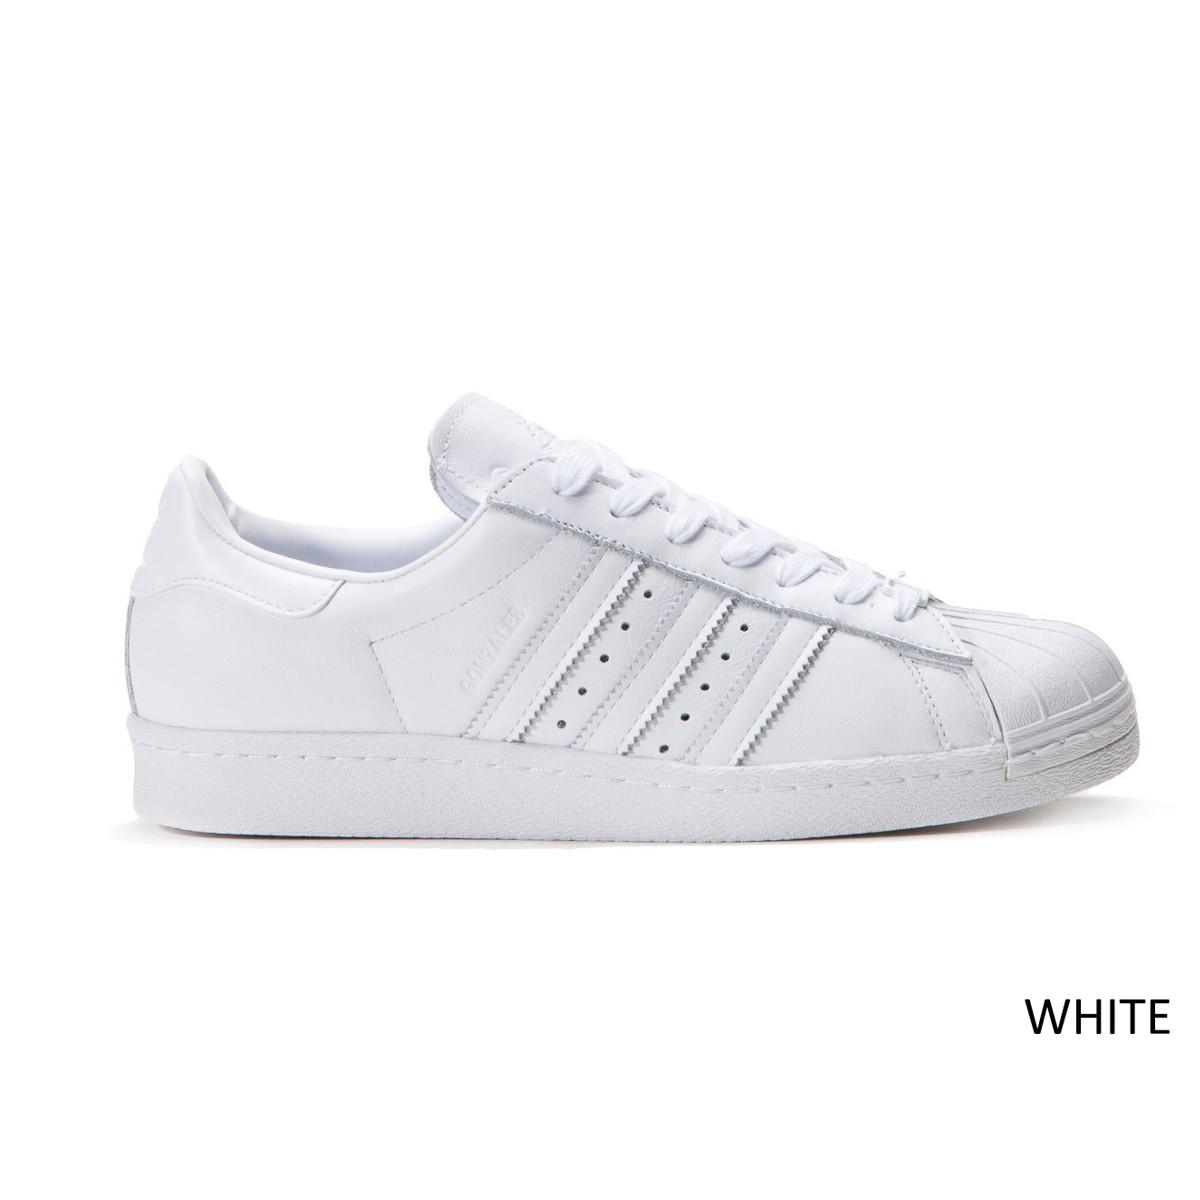 scarpe adidas con brillantini